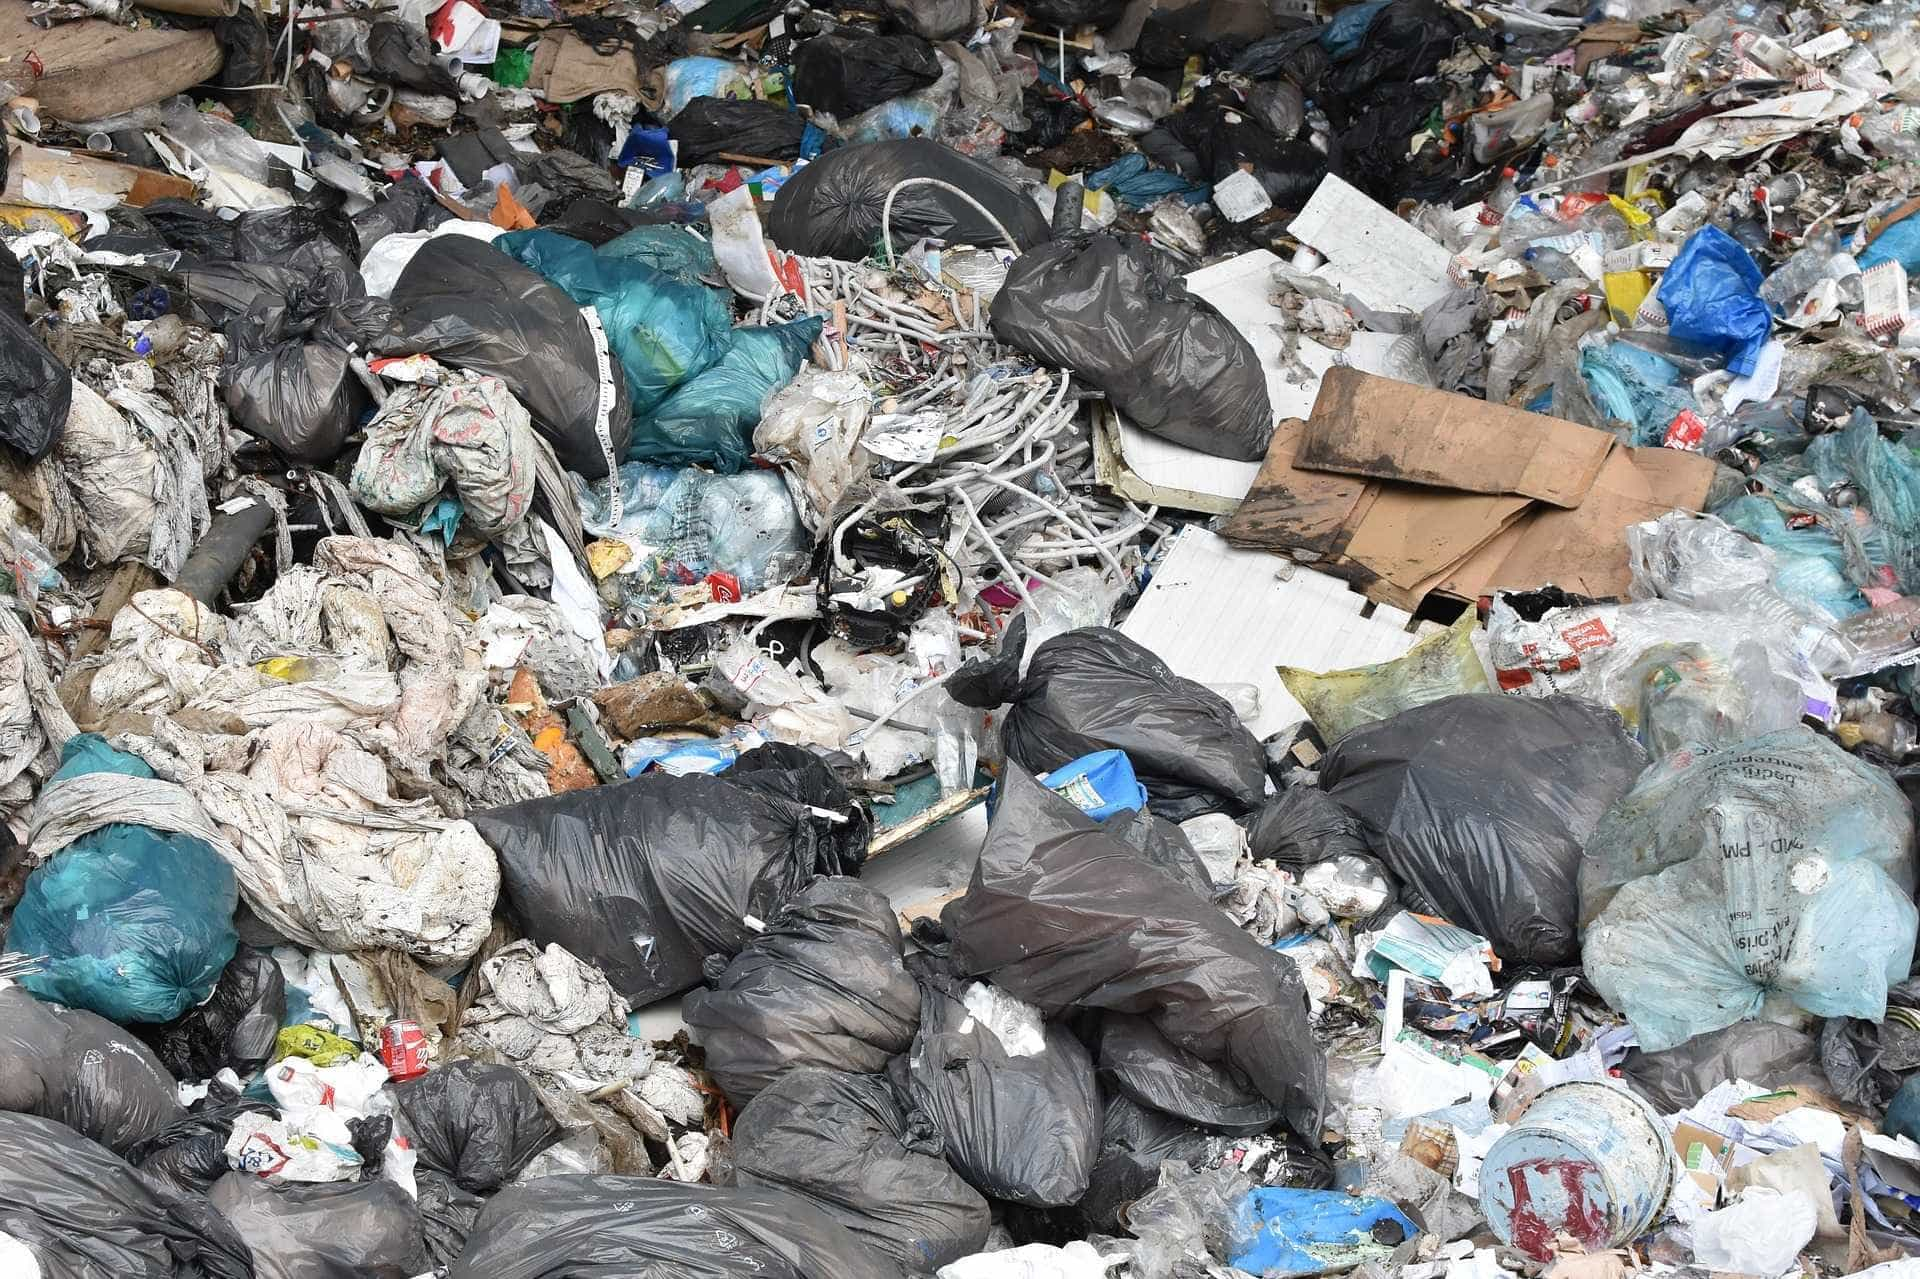 Prefeito é preso por depositar lixo em aterro interditado